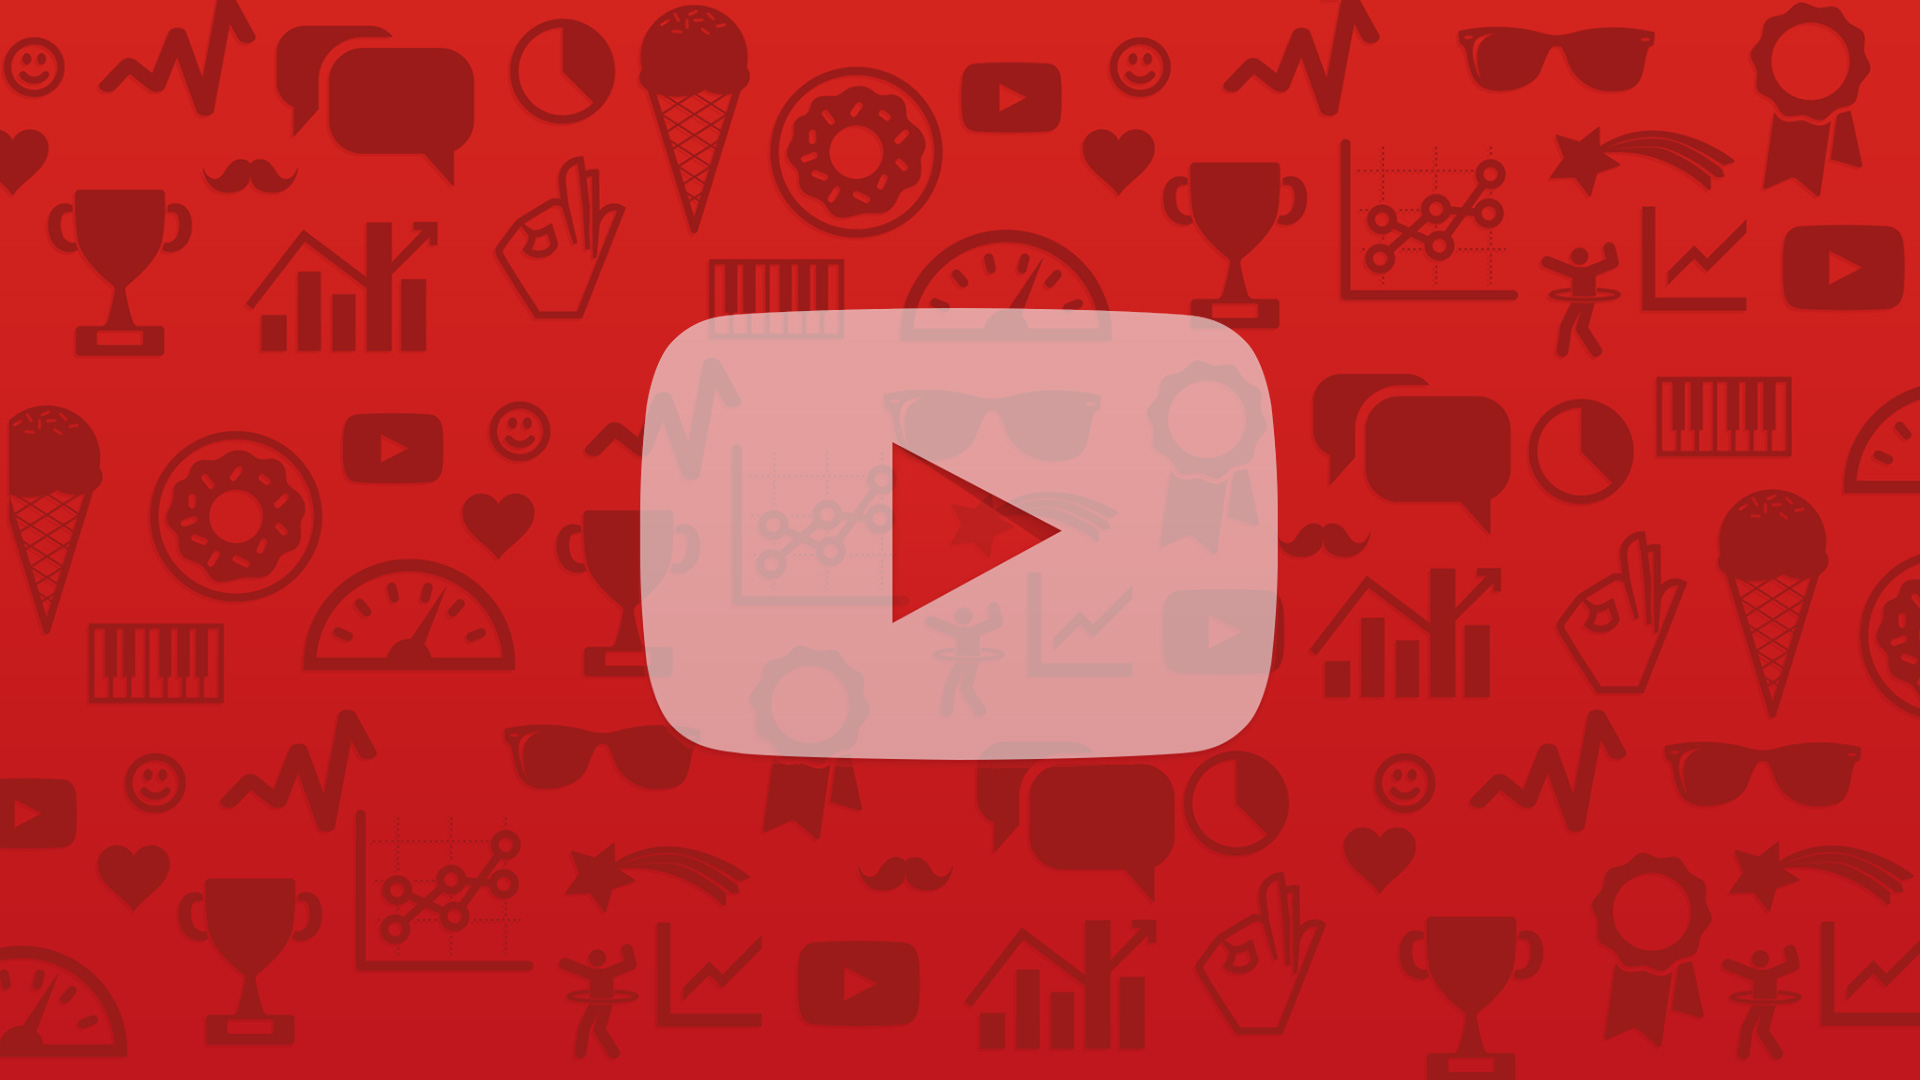 يوتيوب تتيح ميزة تصفح محتويات أخرى أثناء مشاهدة الفيديوهات قريبا على الويب